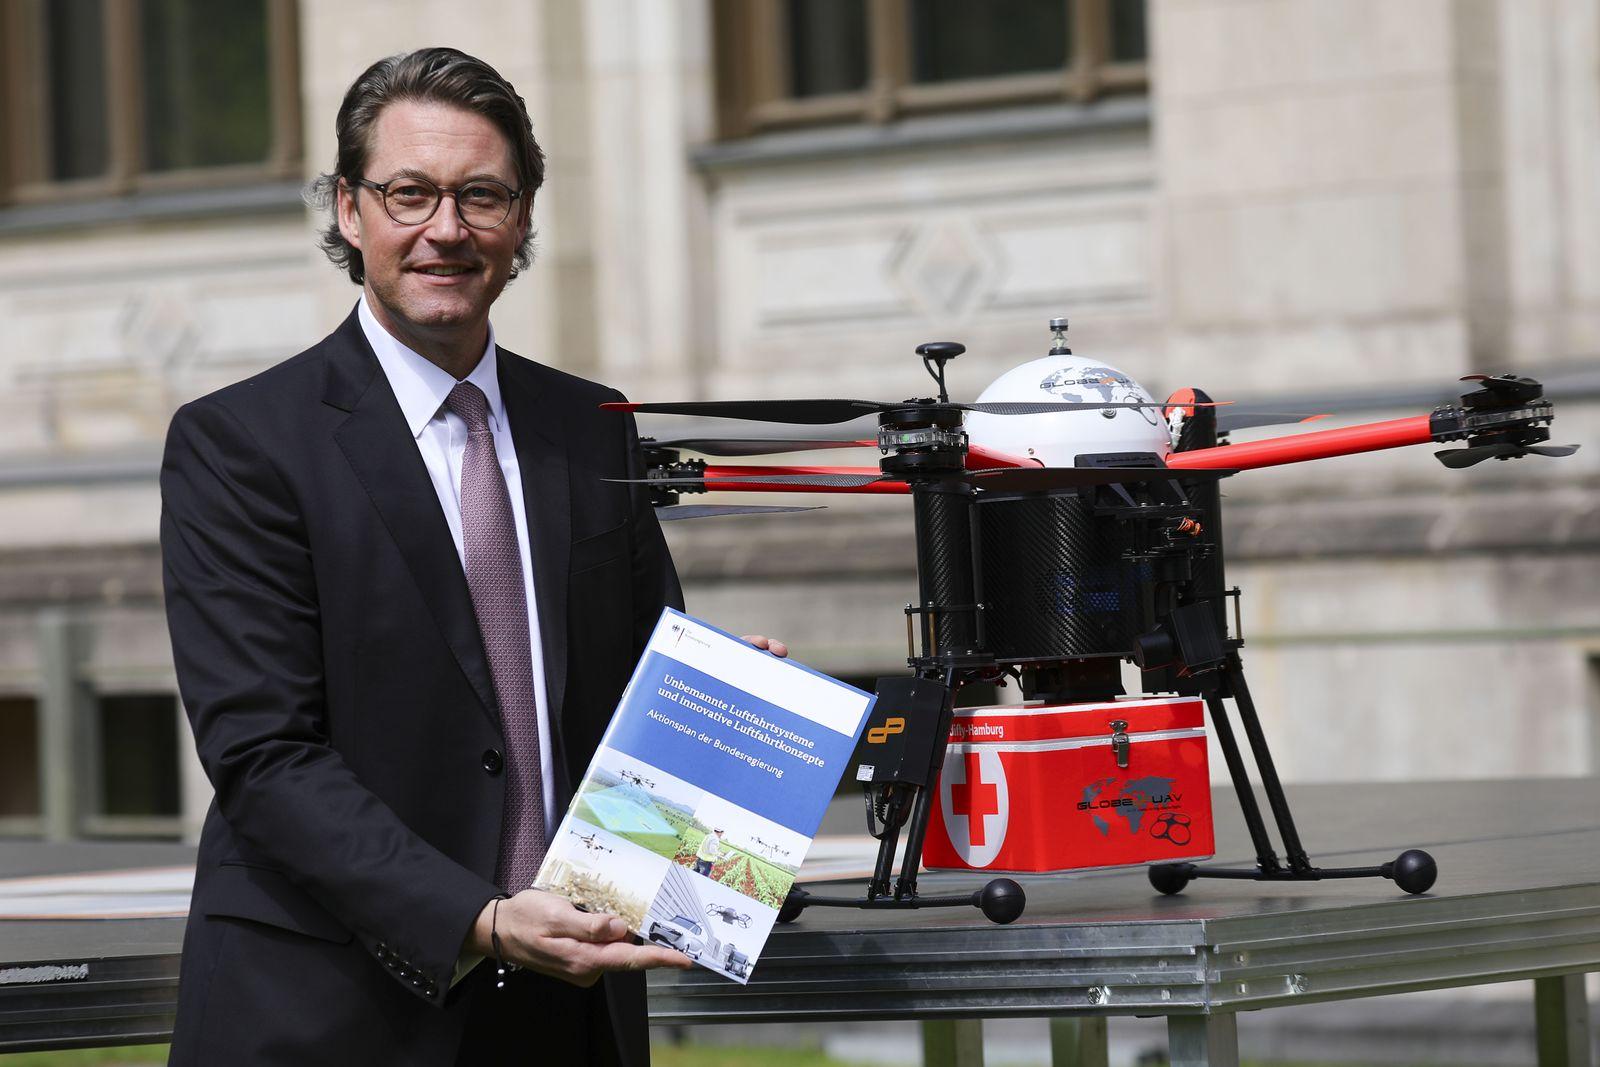 Andreas Scheuer, Unbemannte Luftfahrtsysteme